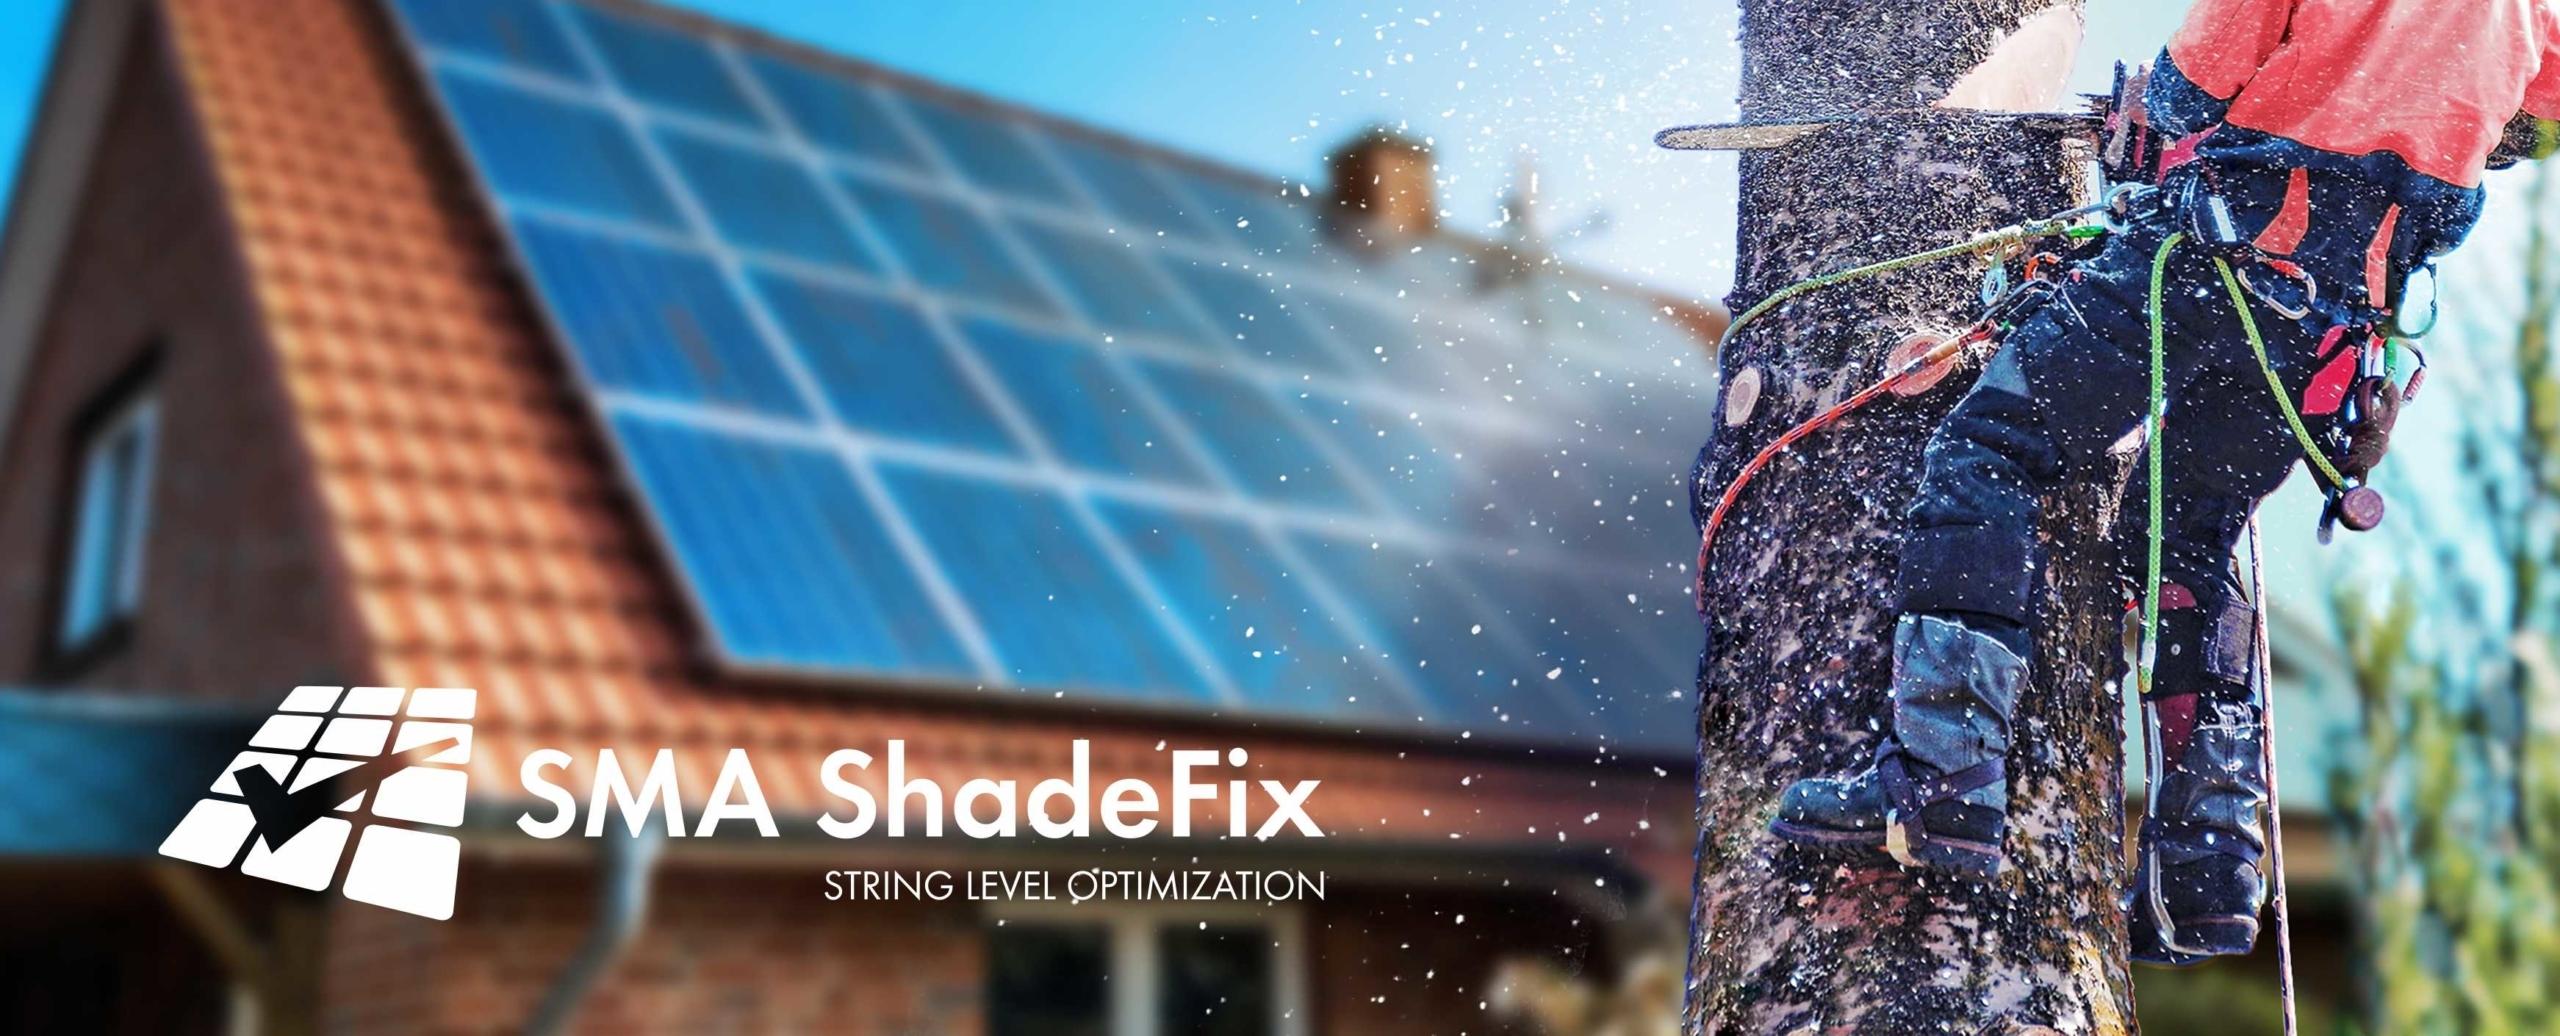 SMA ShadeFix ile FV Sistemlerde Gölge Yönetimi